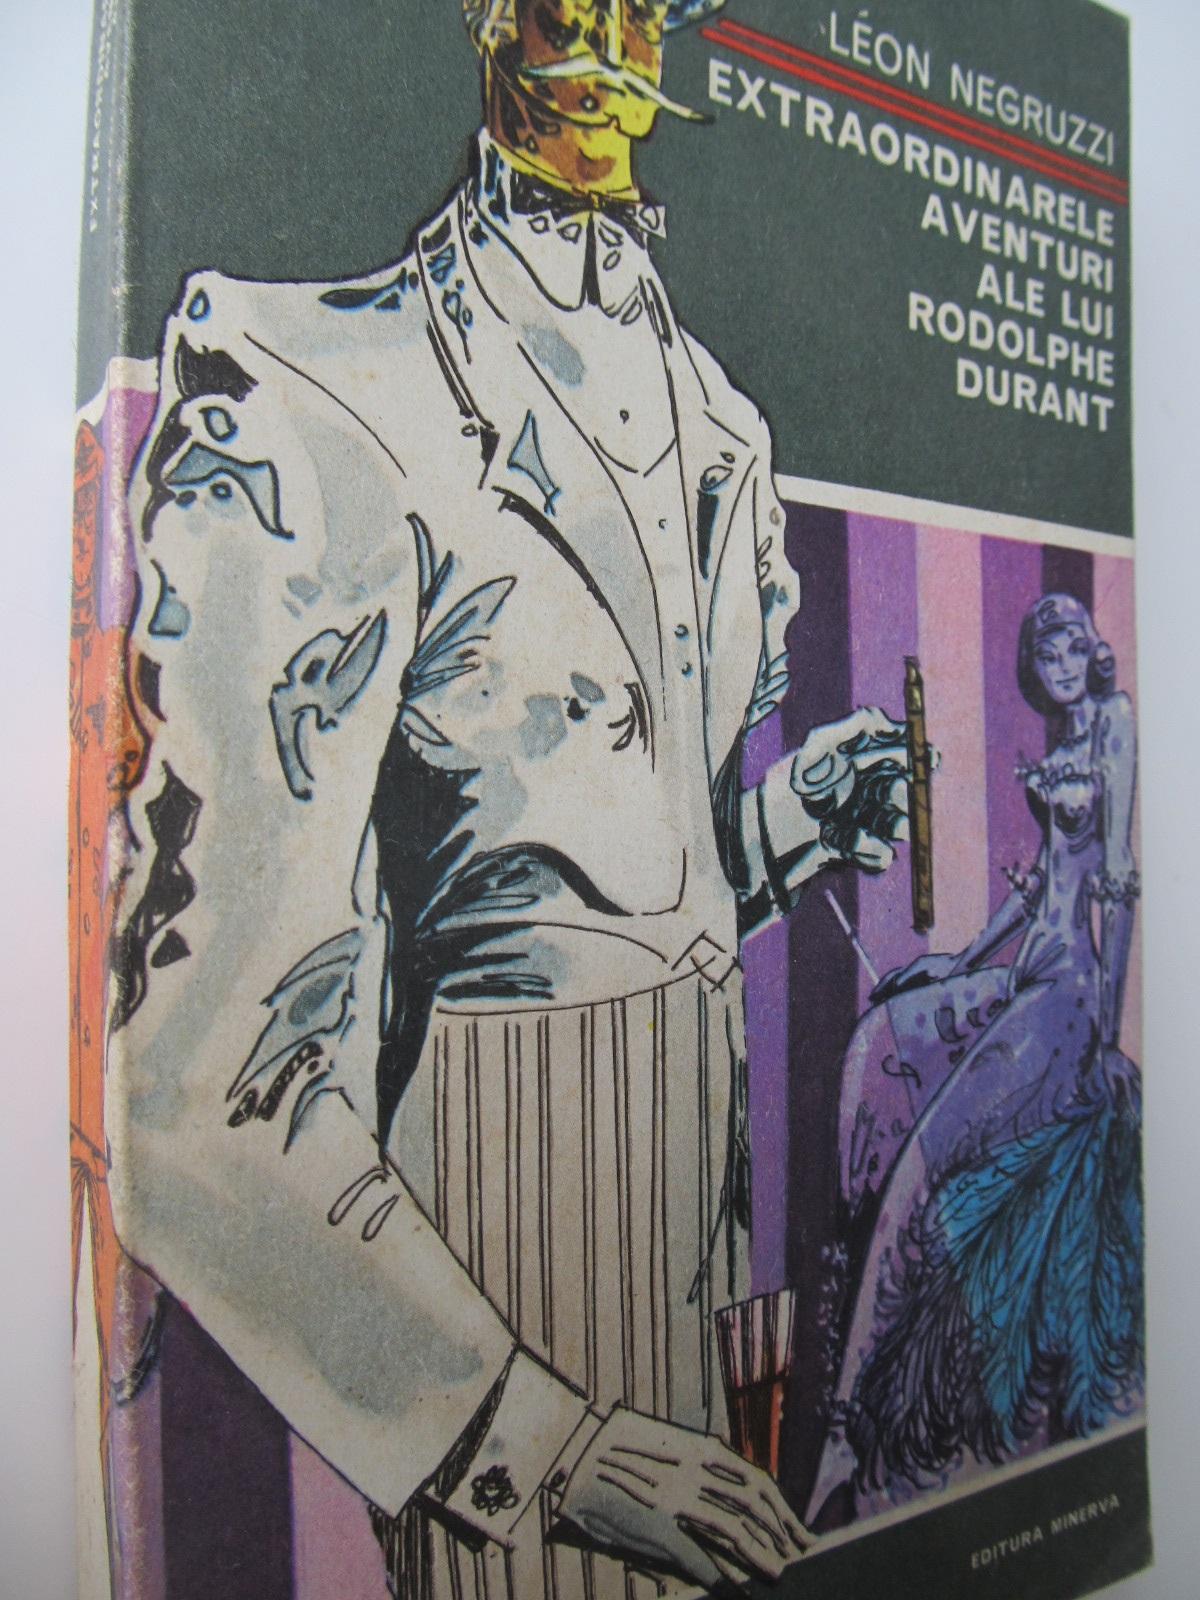 Extraordinarele aventuri ale lui Rodolphe Durant - Leon Negruzzi | Detalii carte